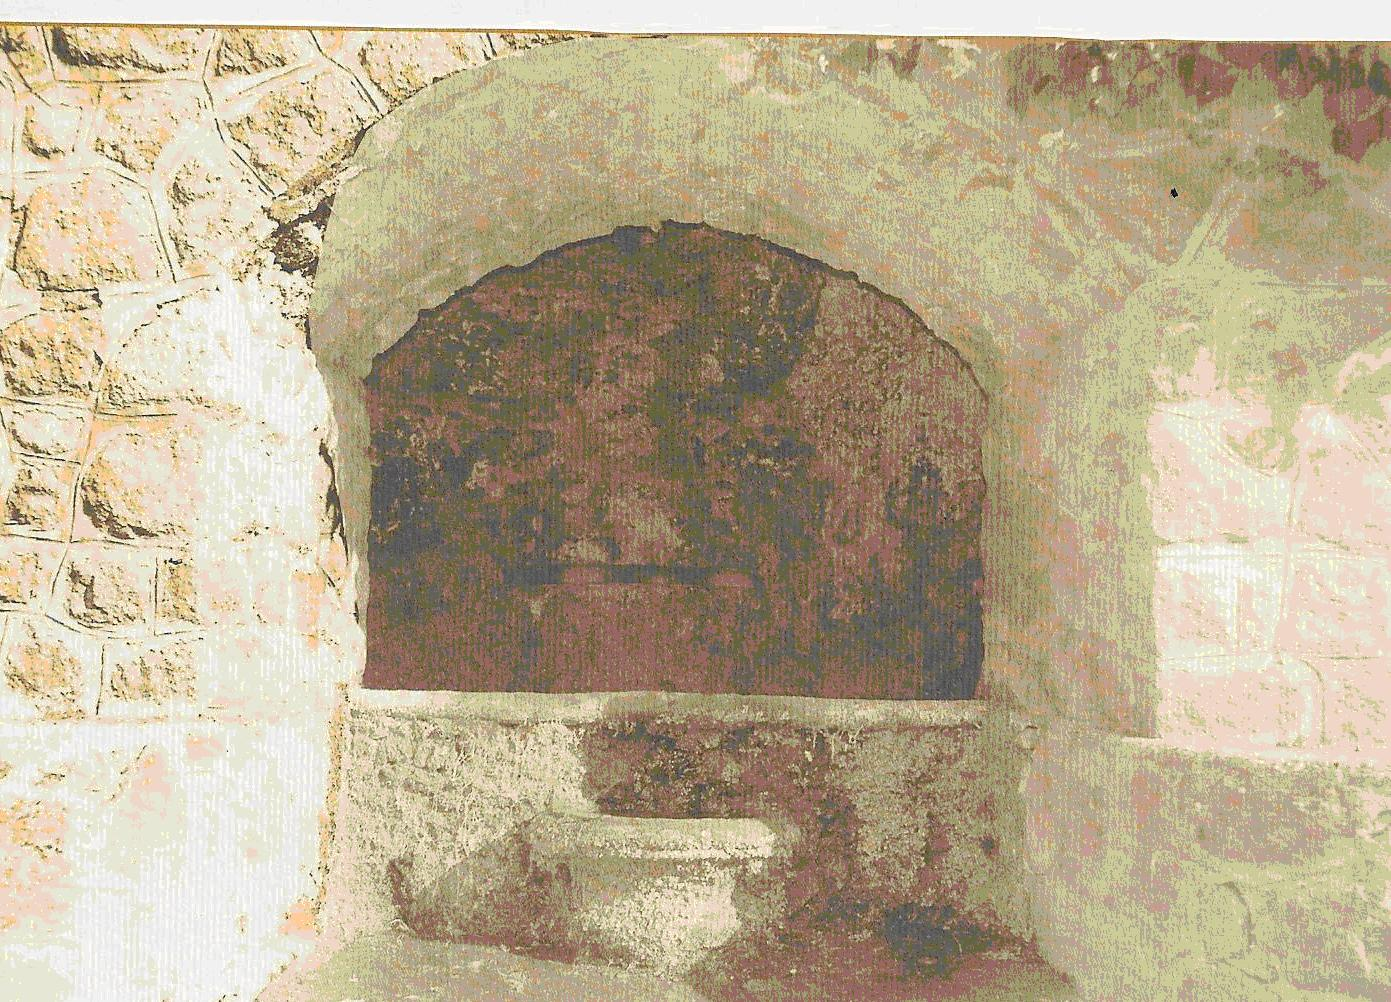 fontana_napoli